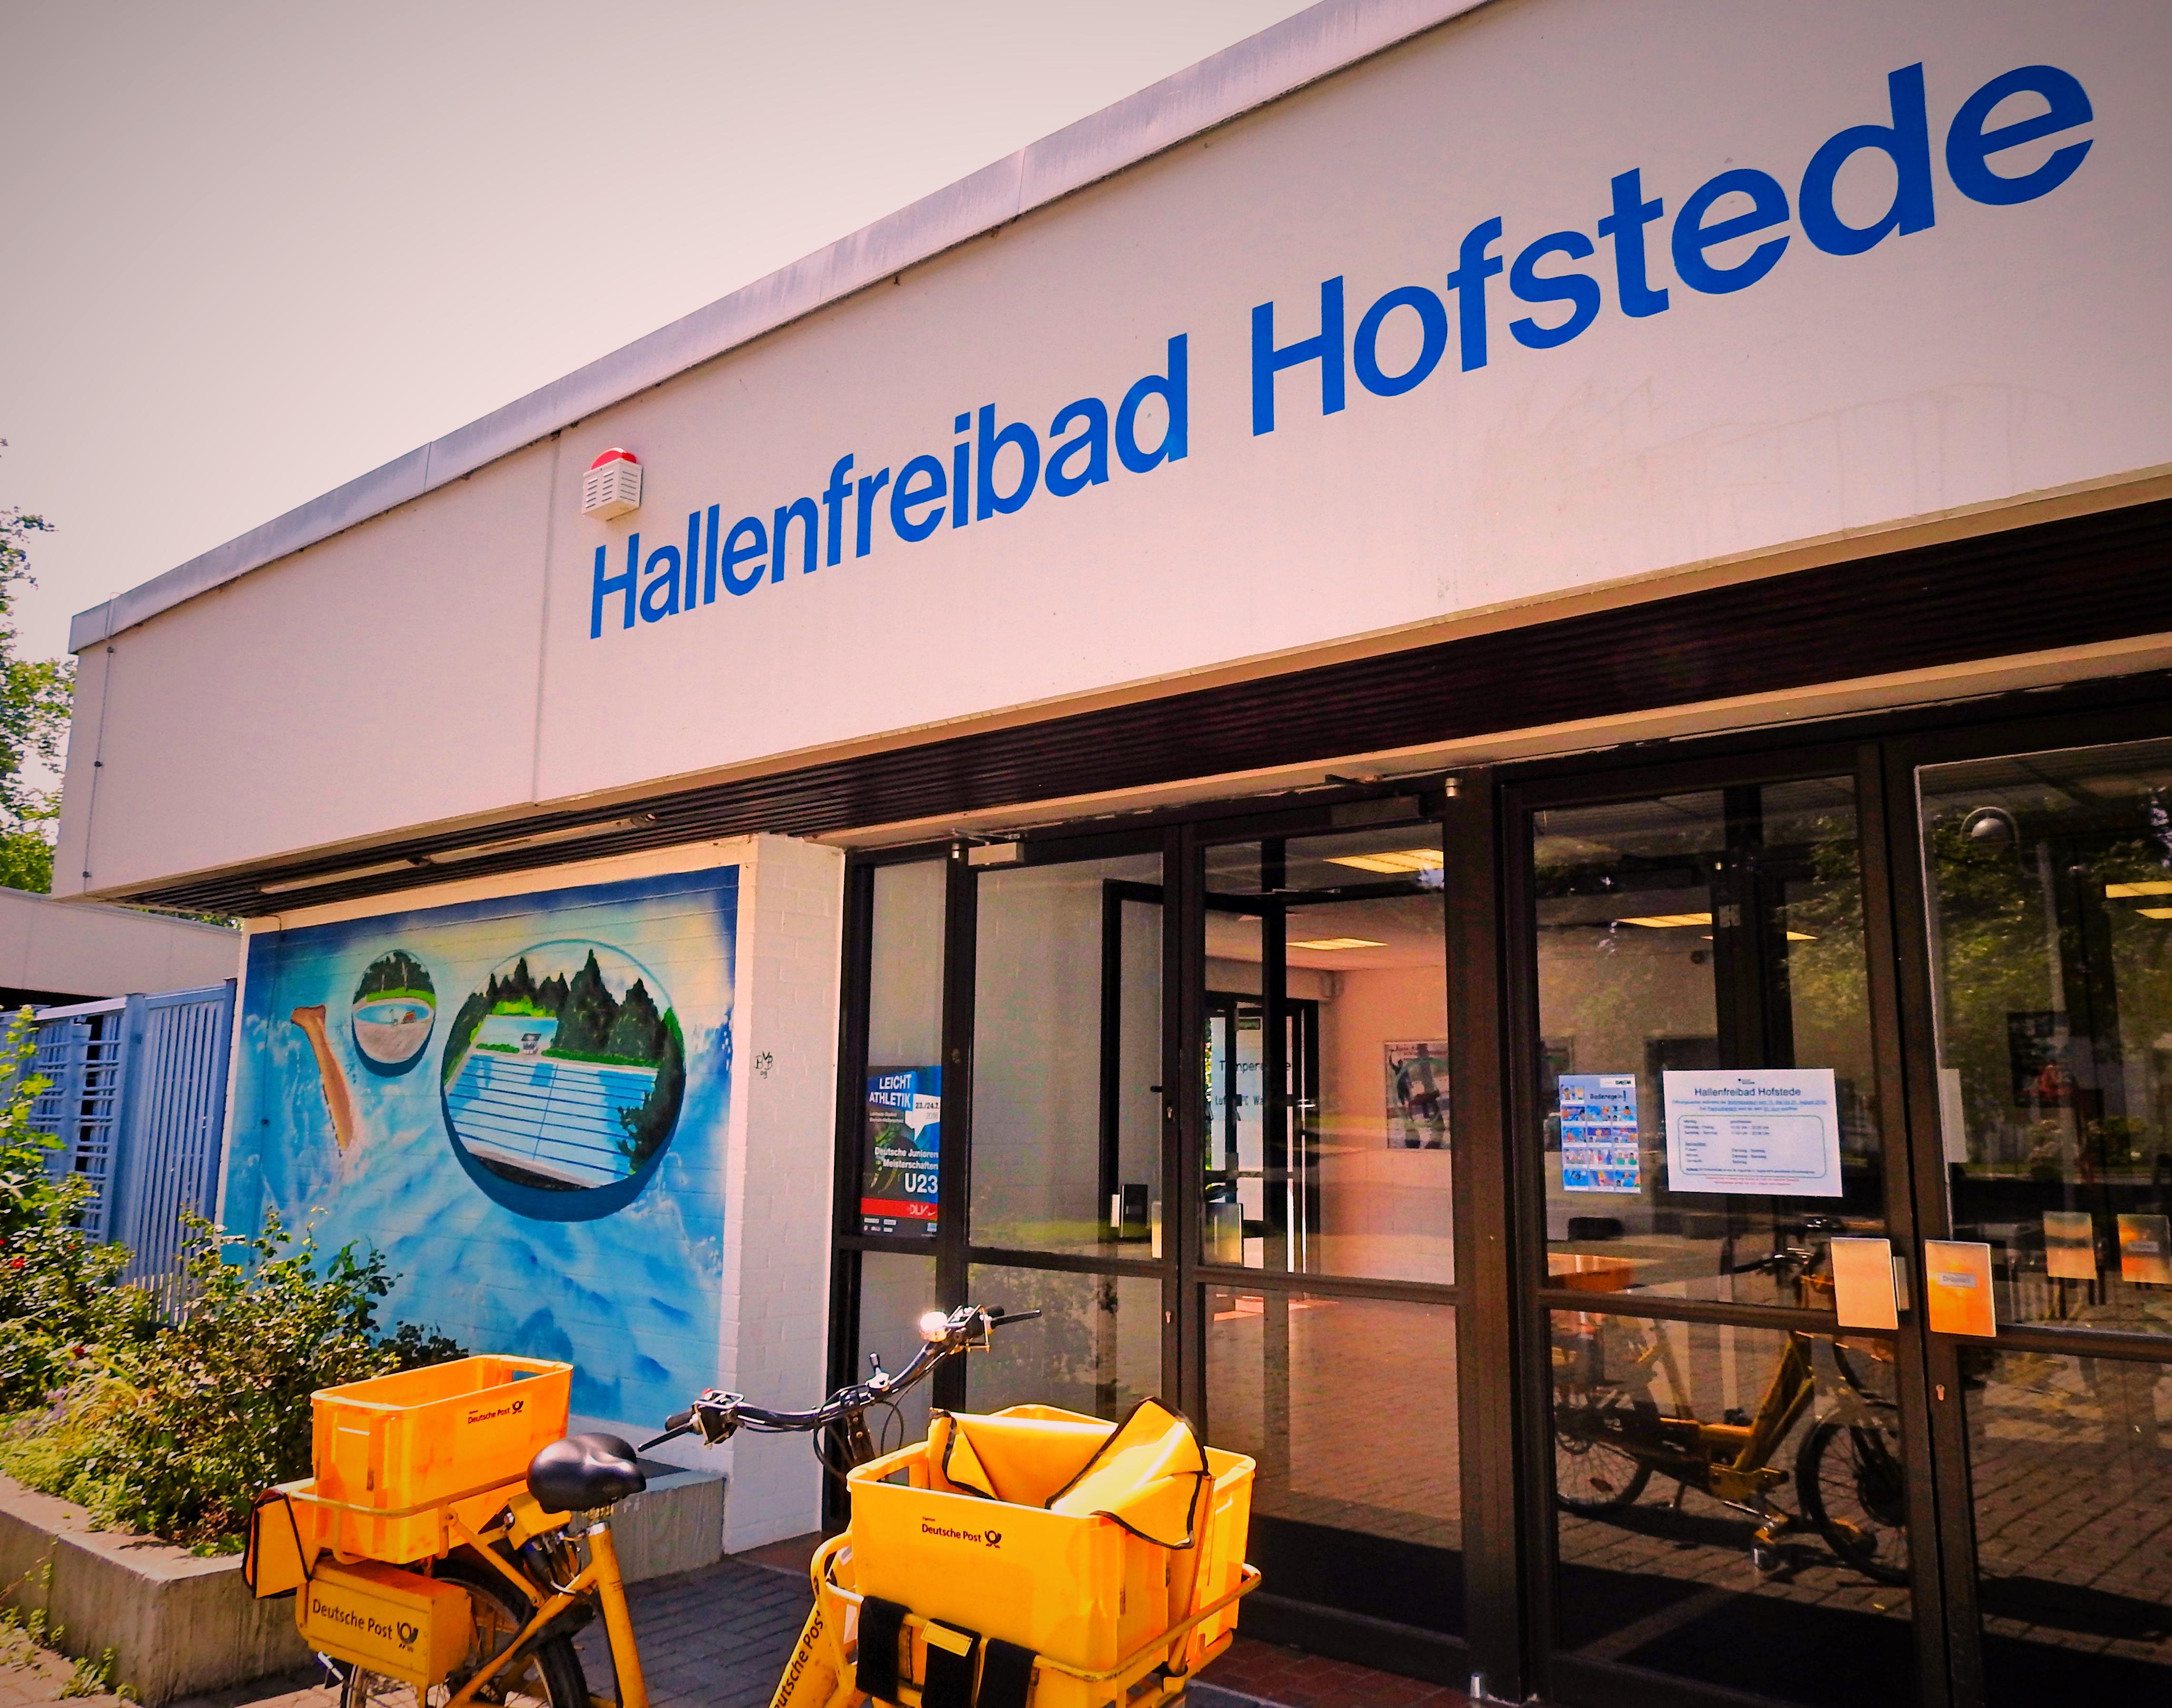 nordwestbad bochum  Bei mir umme Ecke Neu im Freibad Baderegeln beachten  bochum. Nordwestbad Bochum